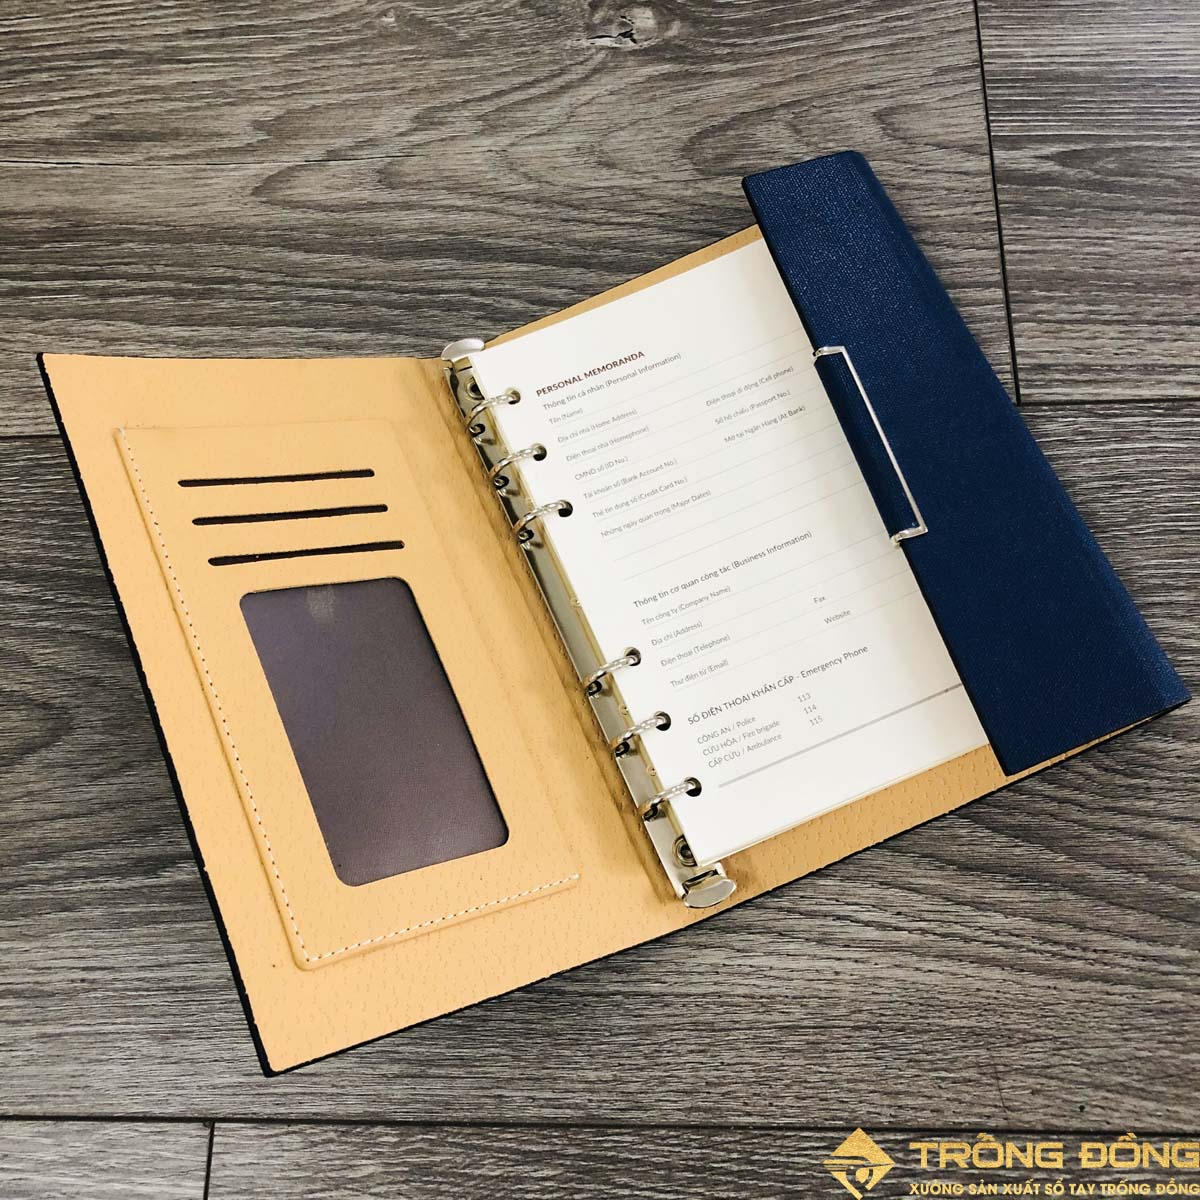 Phần bên trong bìa sổ có các ngăn đựng thẻ, card